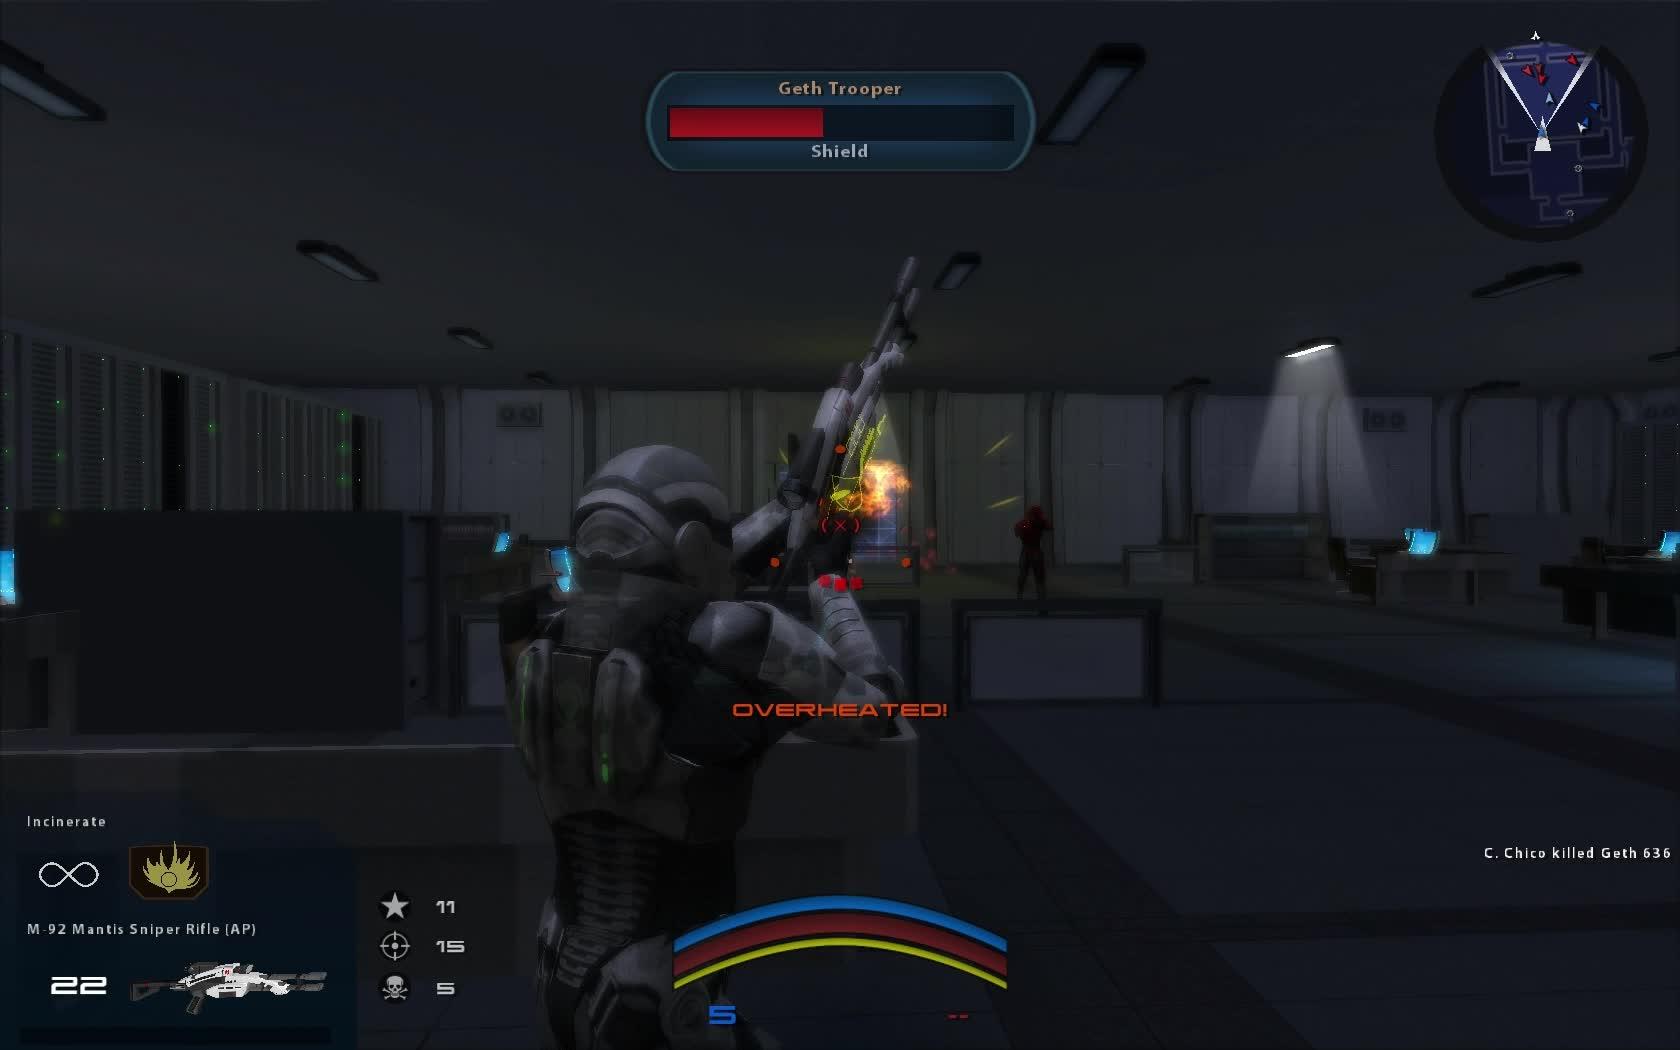 Mass Effect Star Map.Europa Vostok Station New Map Trailer Video Mass Effect